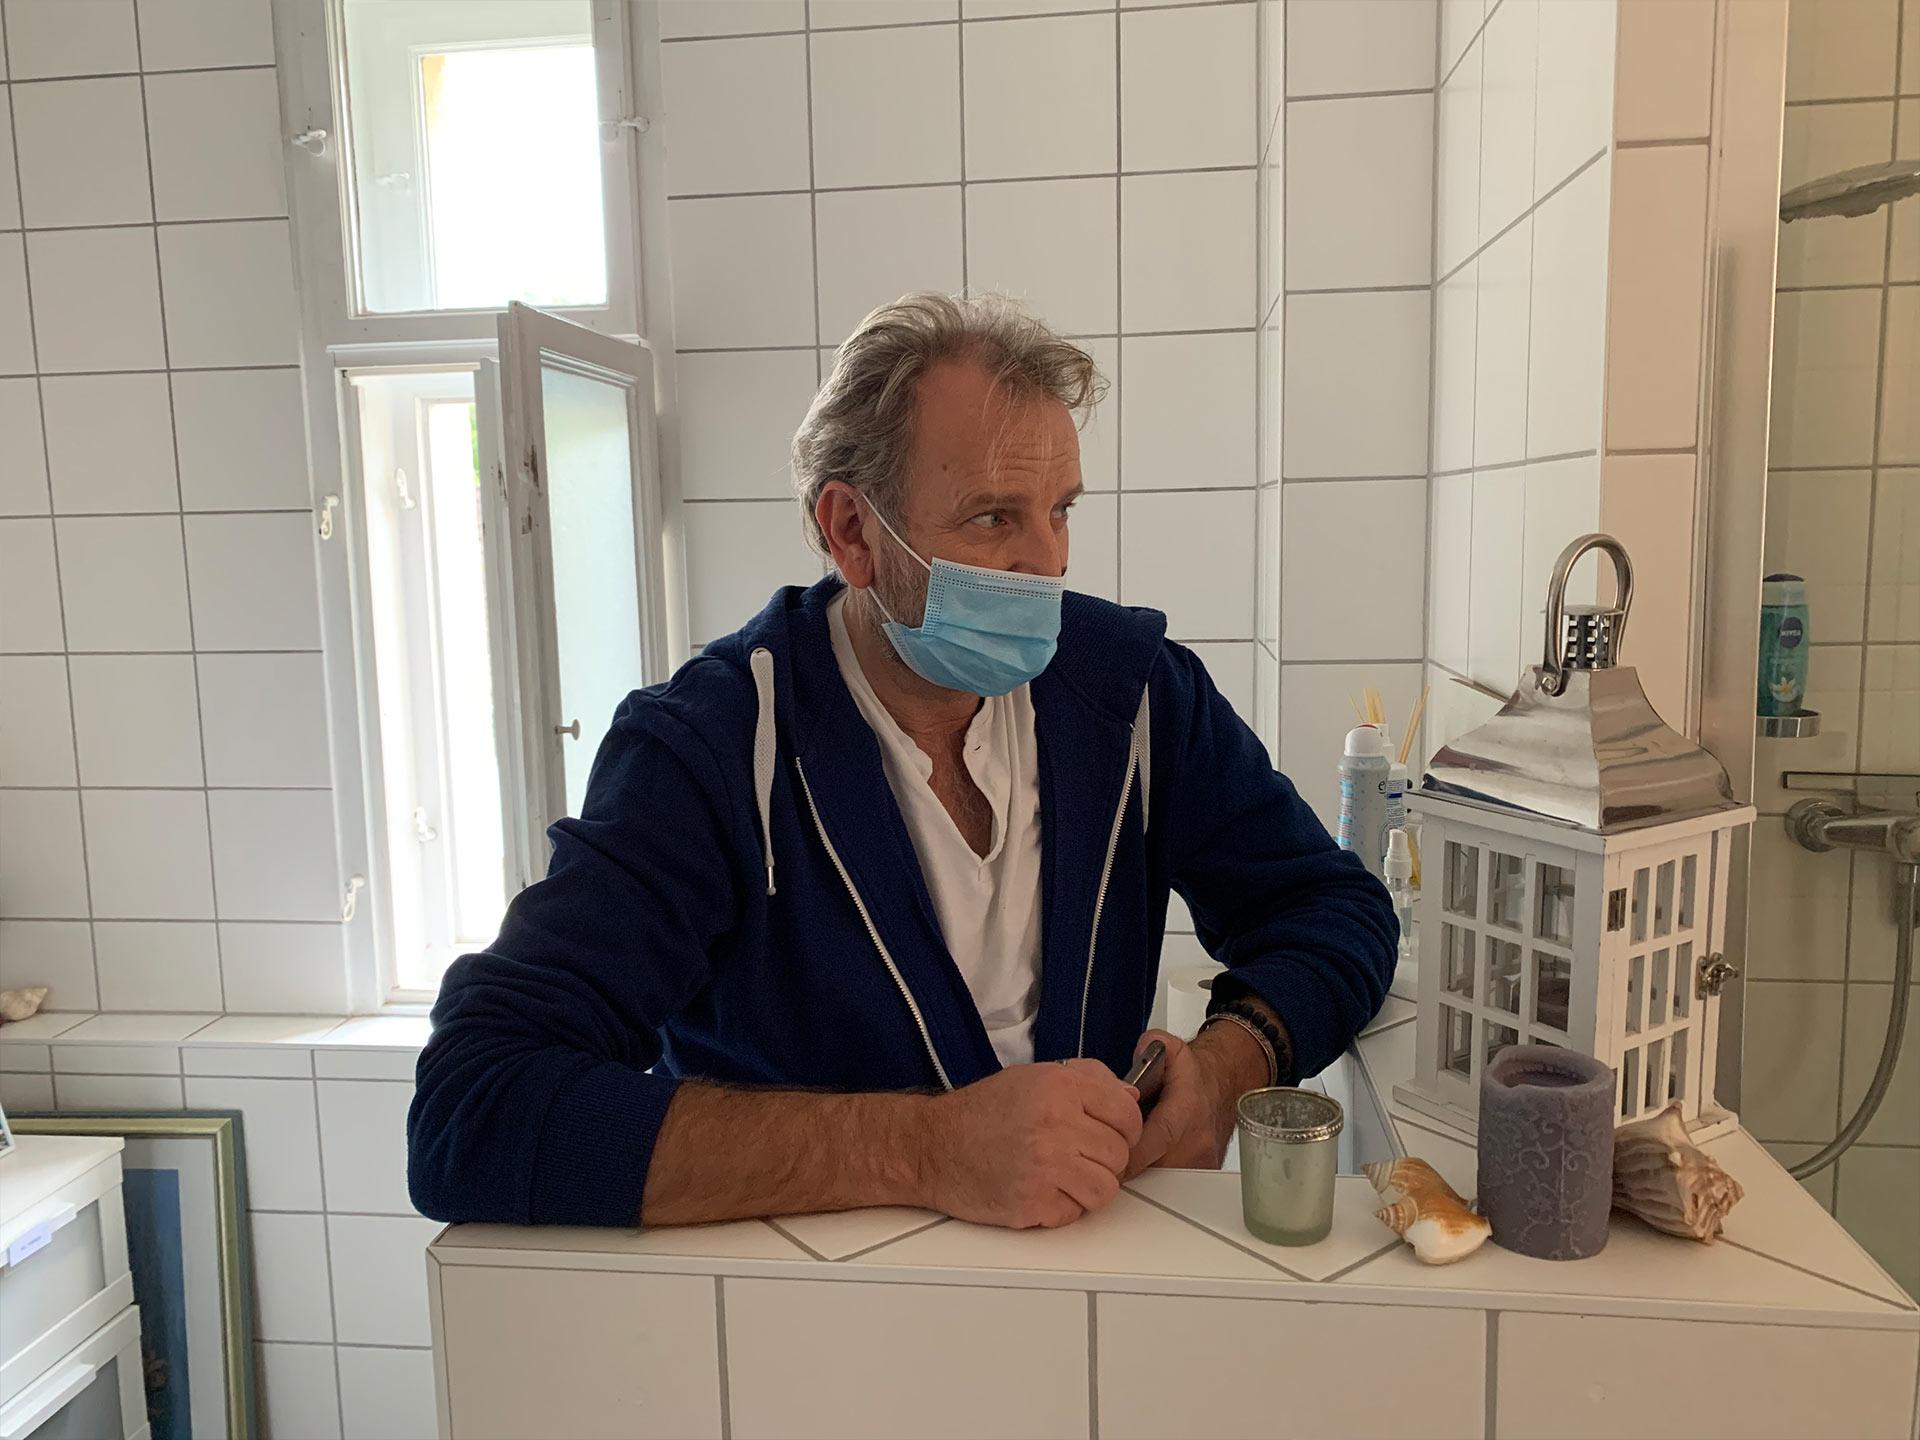 Fritz-Altewische--Wohnungsinhaber--Co-Produzent-und-Ausstatter